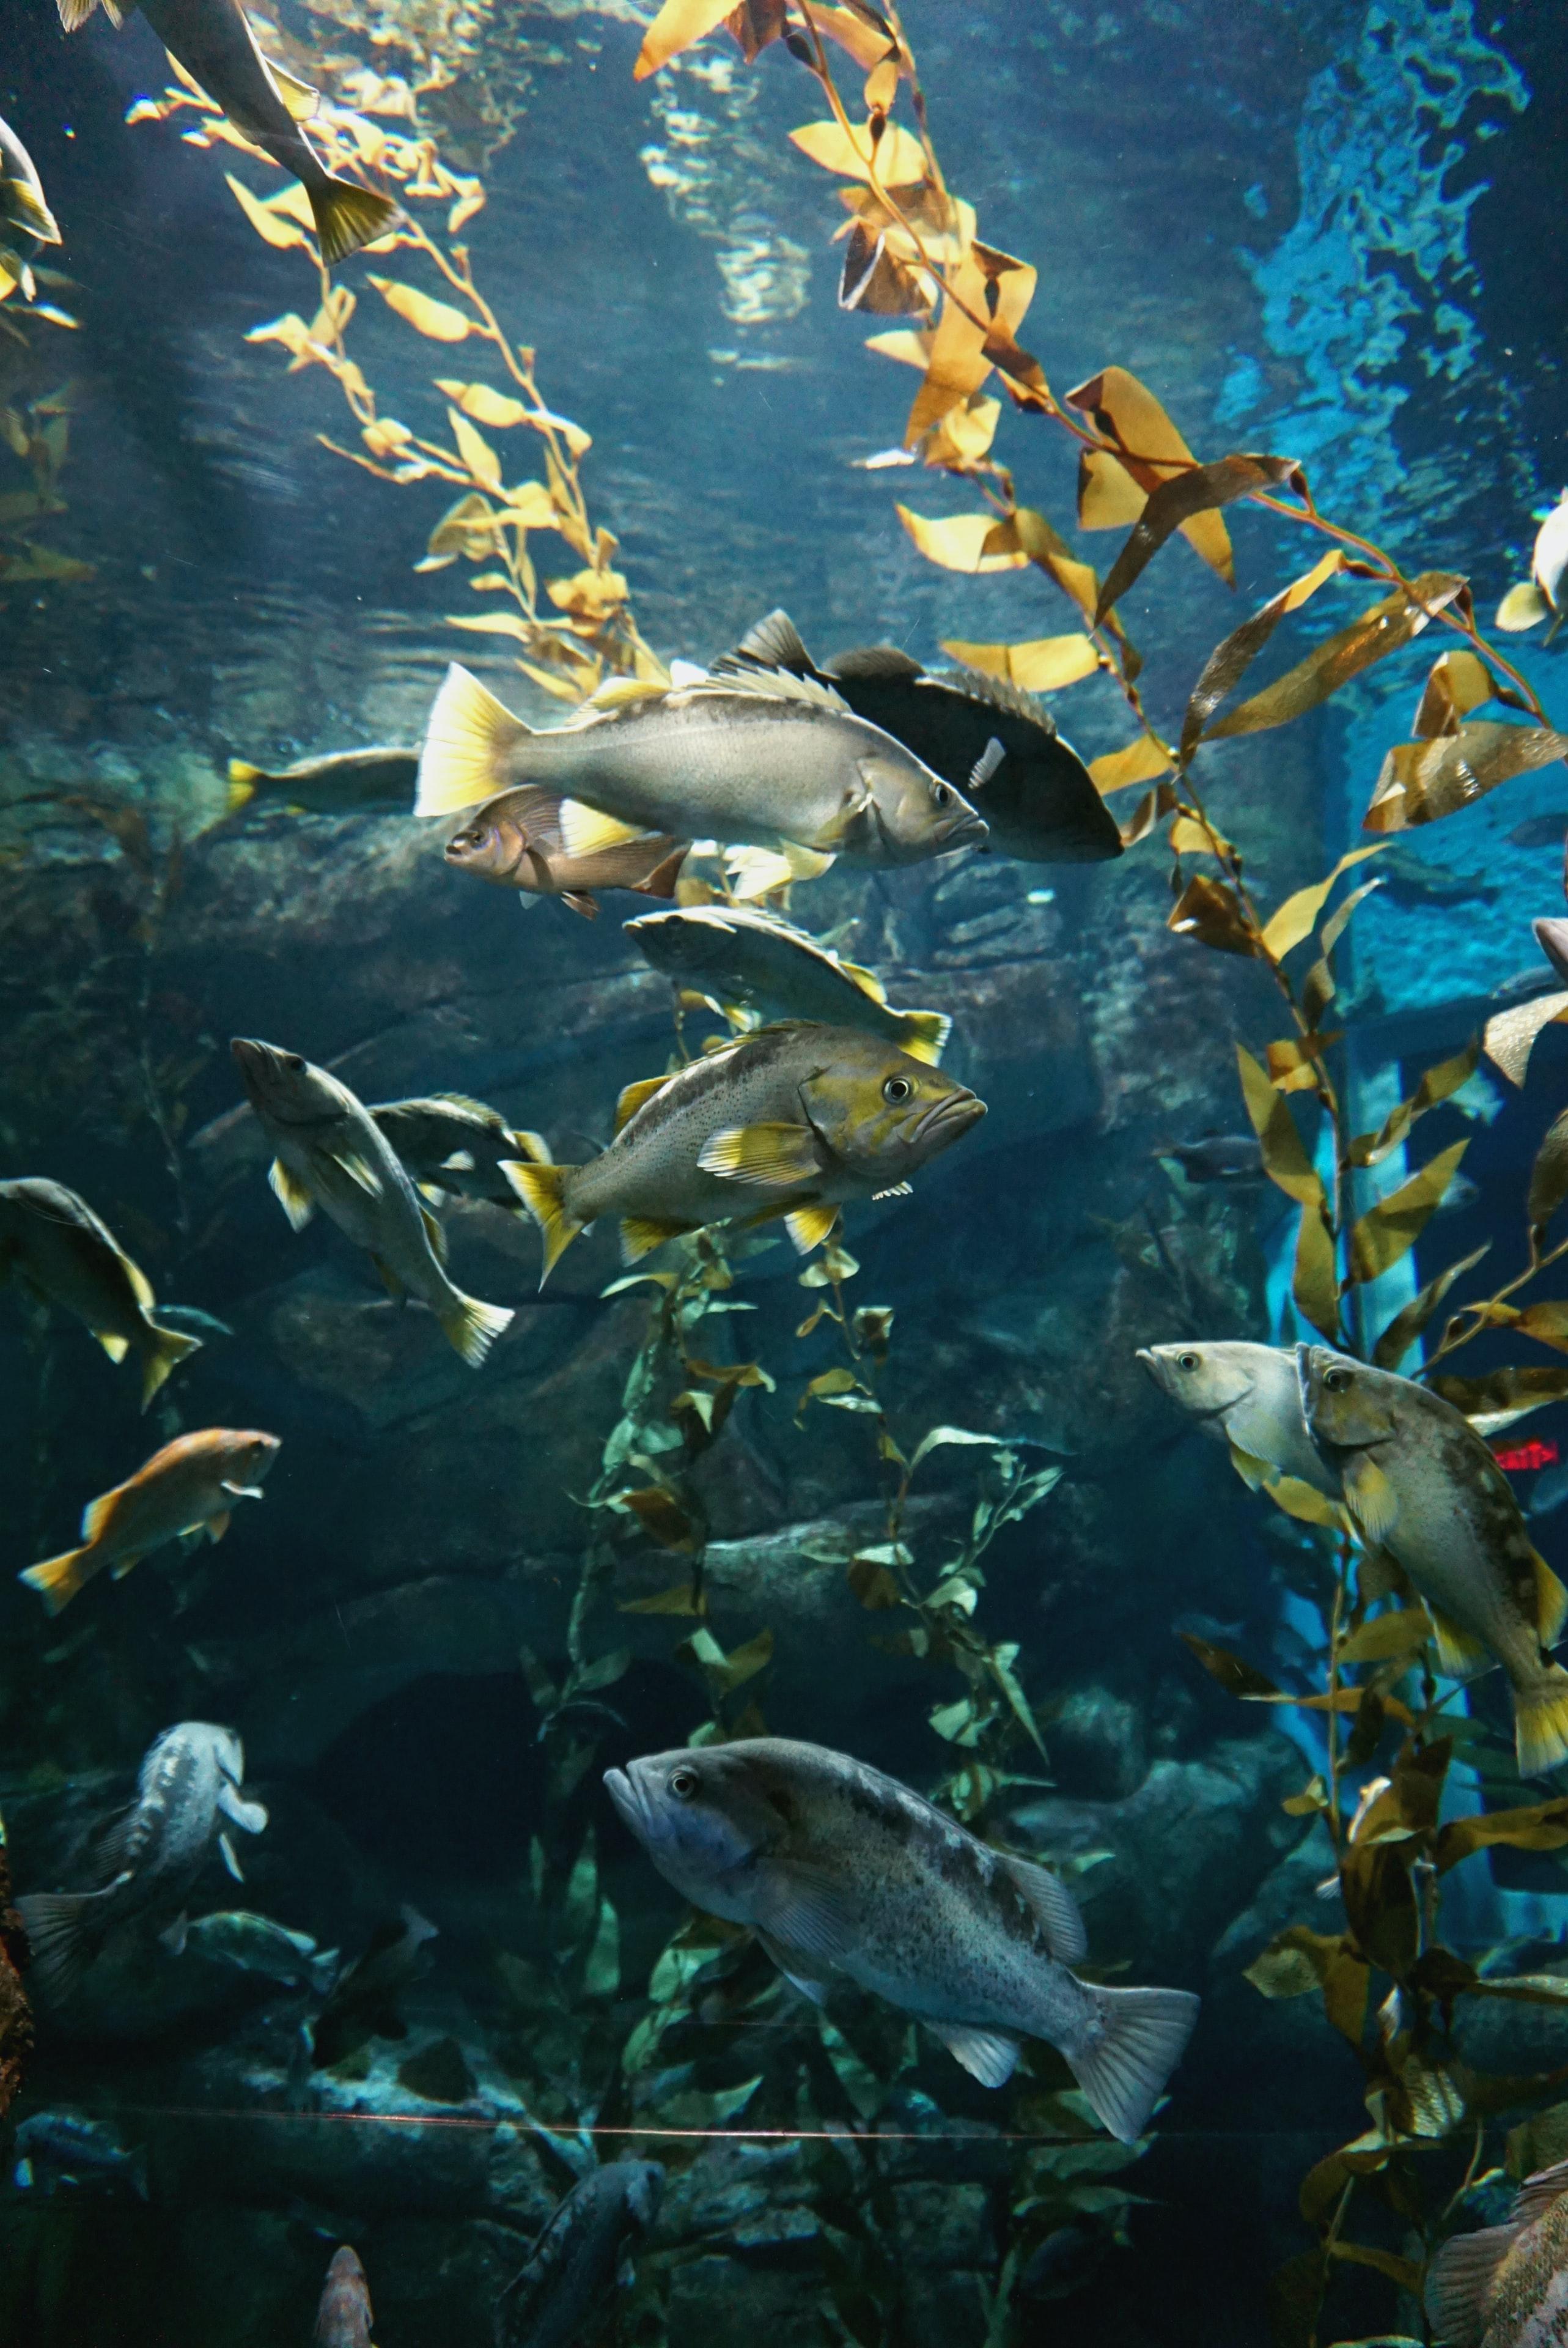 82485 Заставки и Обои Рыбы на телефон. Скачать Рыбы, Животные, Вода, Аквариум, Водоросли картинки бесплатно